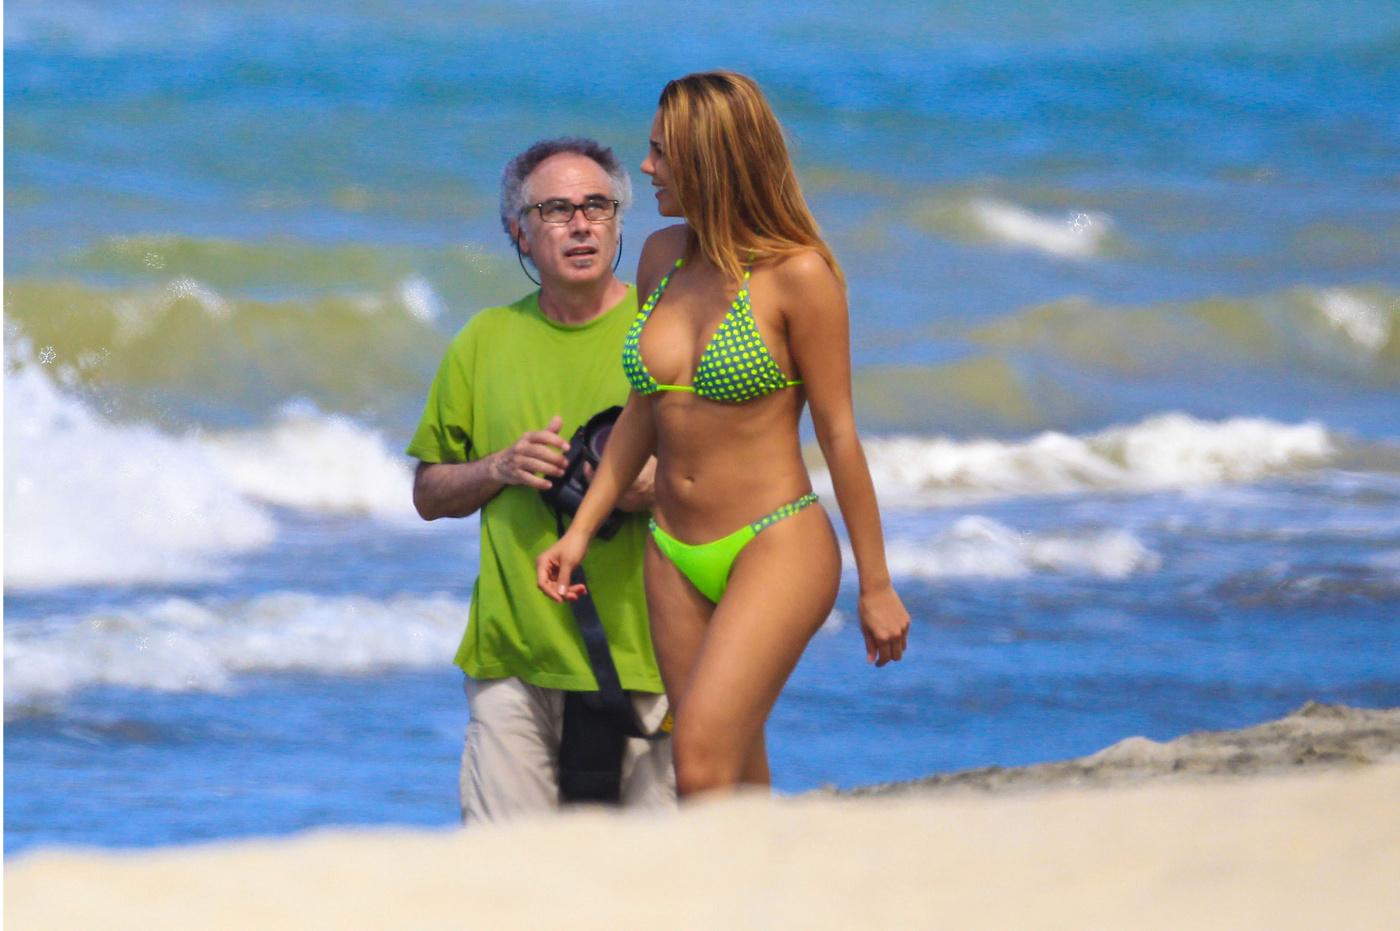 Photos Viviana Figueredo nudes (87 photo), Ass, Hot, Boobs, cameltoe 2018